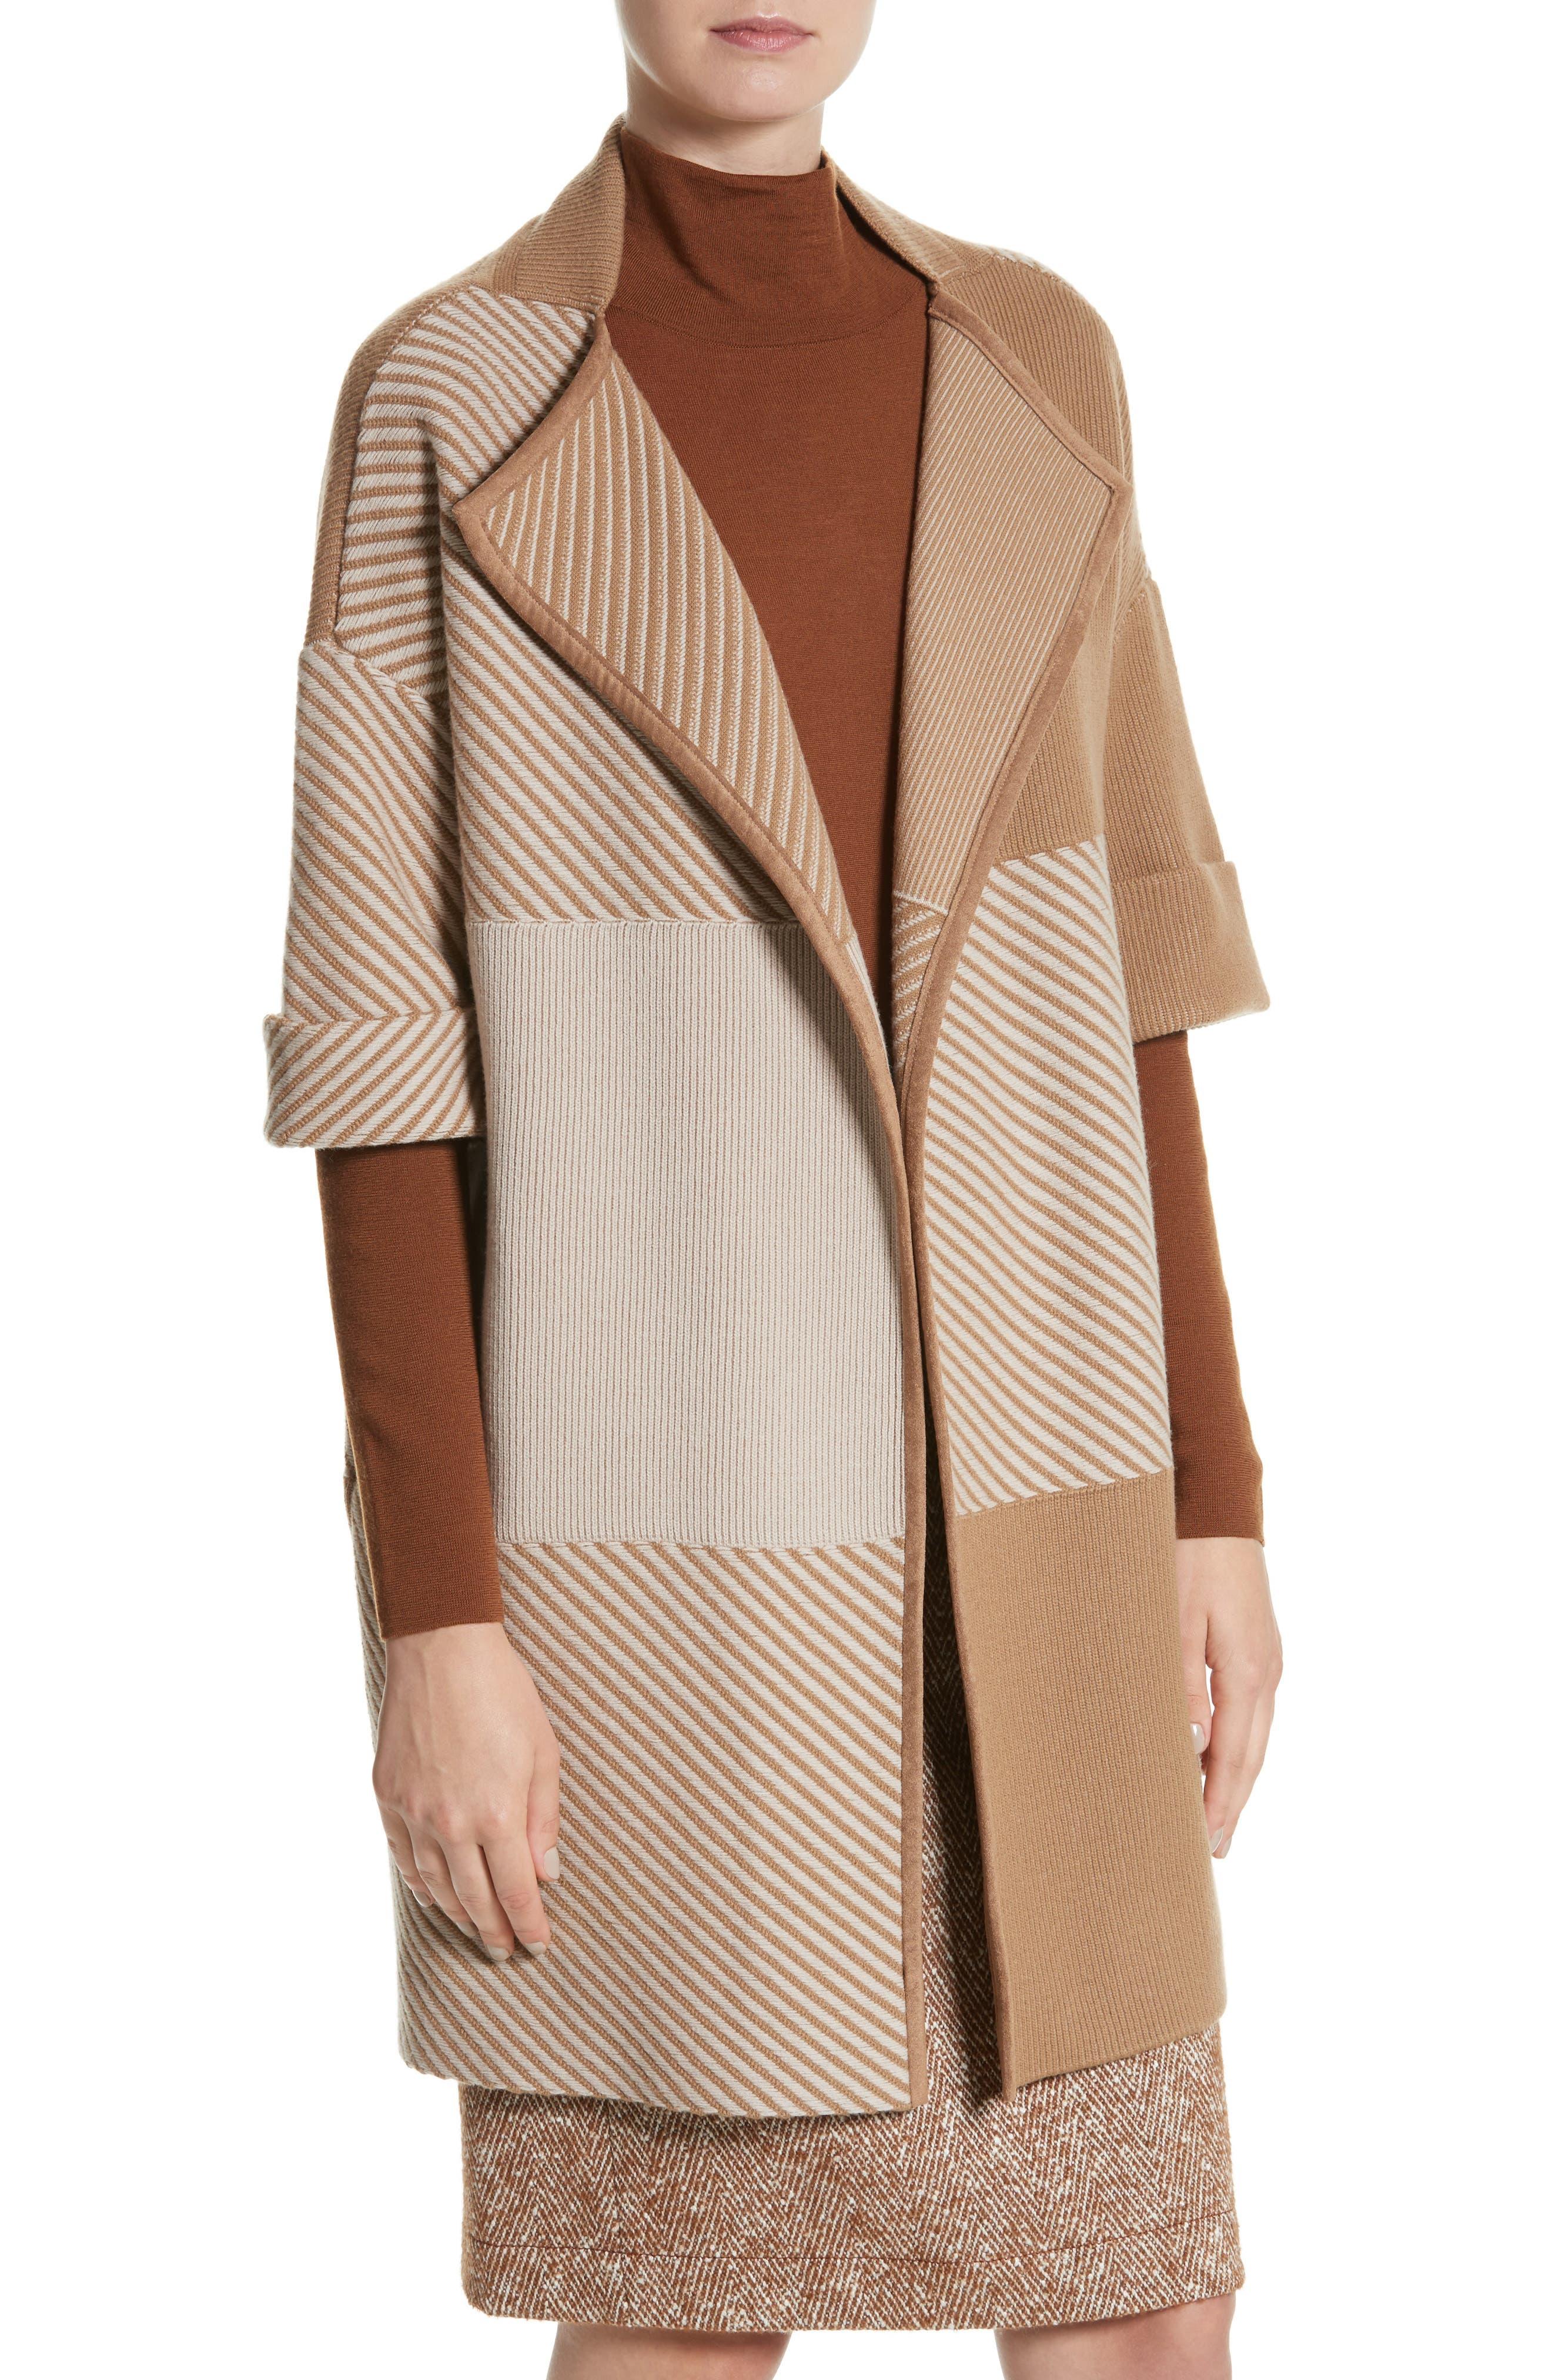 Flannel Bicolor Jacquard Coat,                             Alternate thumbnail 4, color,                             200